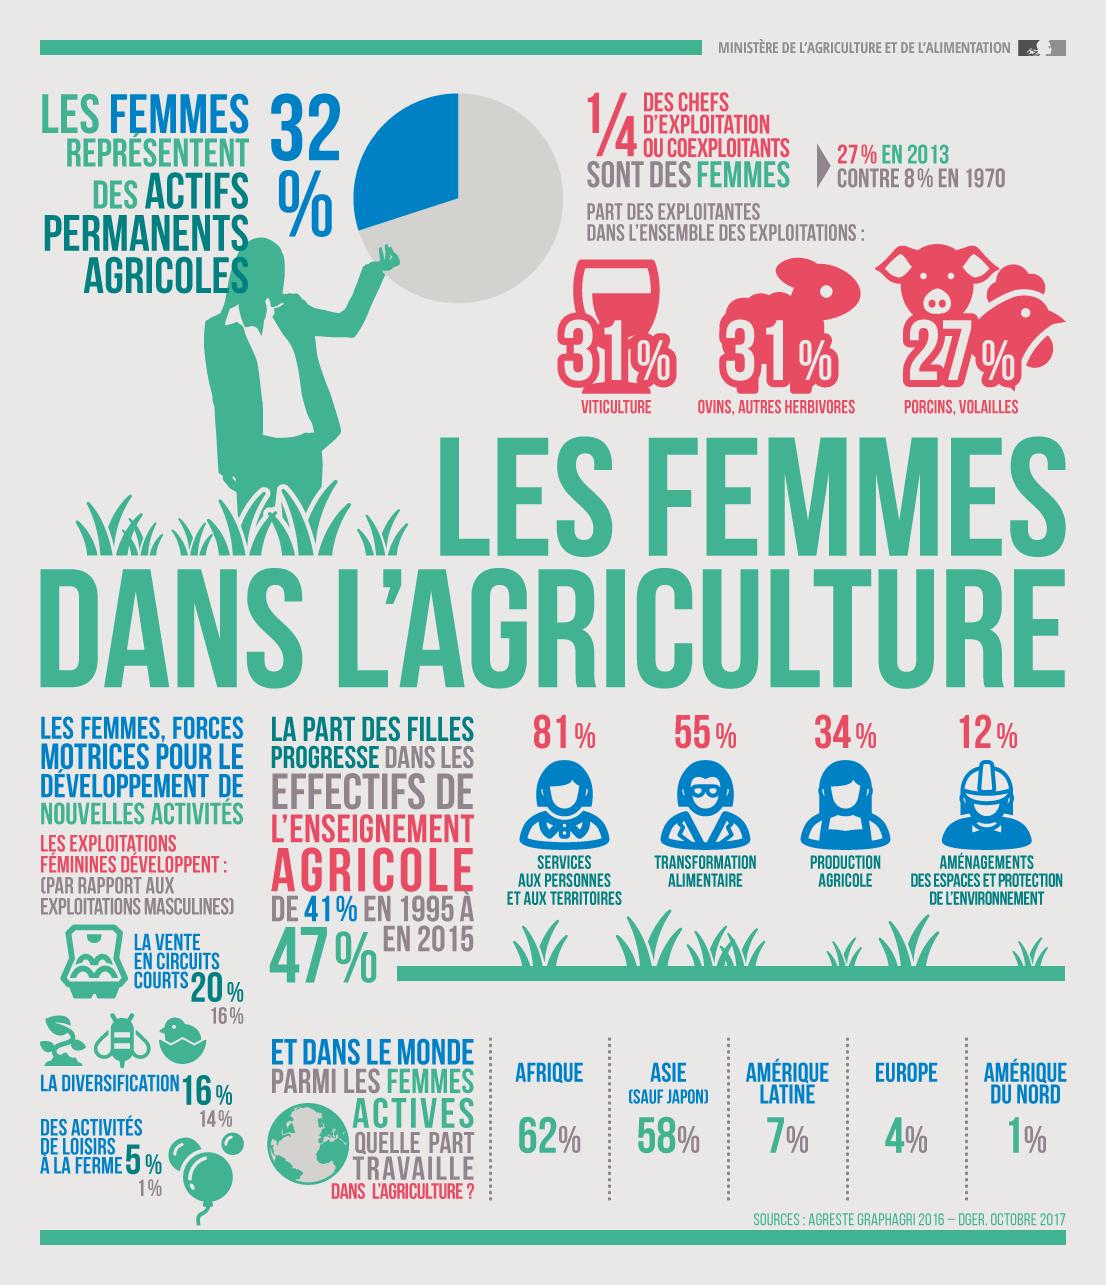 Les femmes dans l'agriculture, une vocation ?